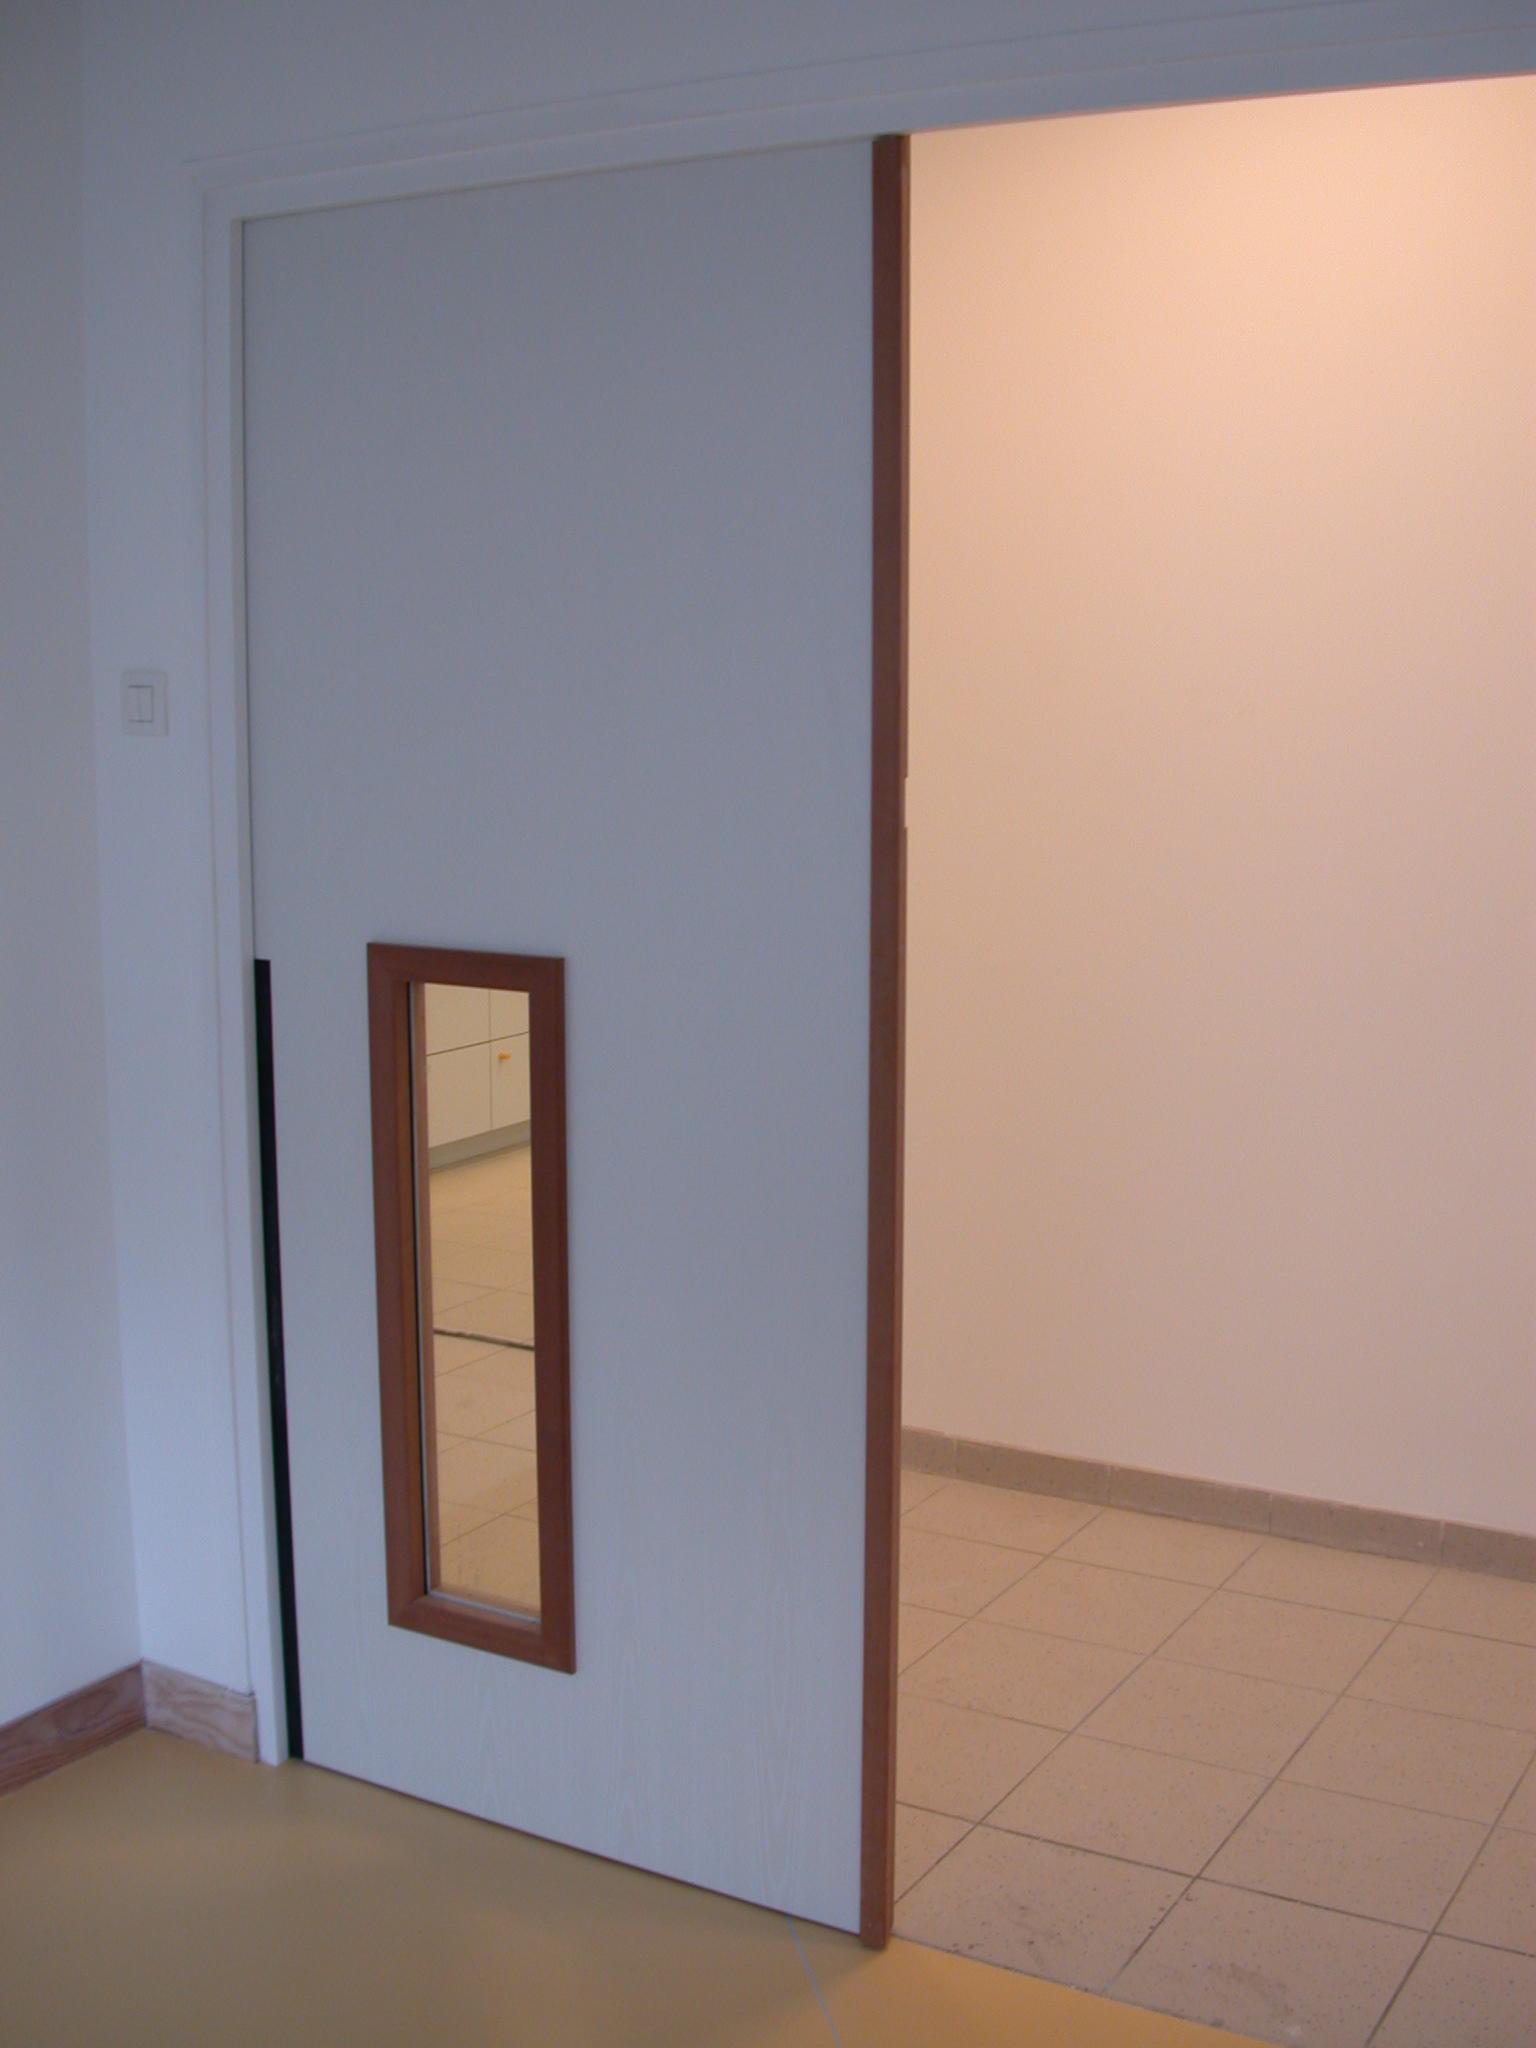 Porte intérieure double vantaux avec une partie vitrée sur le côté